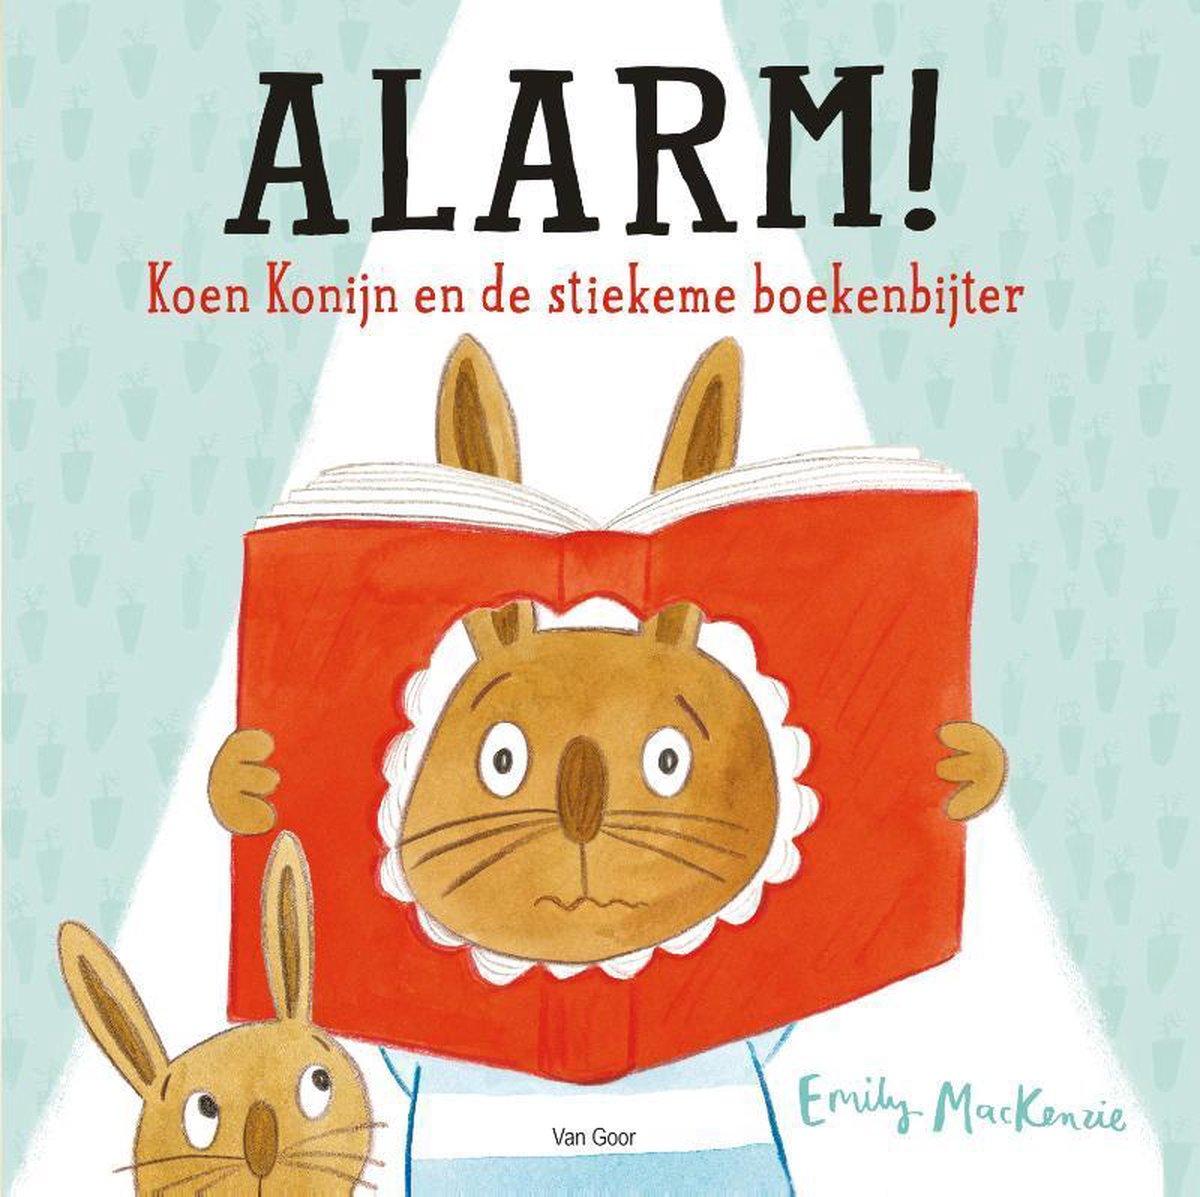 bol.com | Alarm! Koen Konijn en de stiekeme boekenbijter, Emily MacKenzie | 9789000373390 | Boeken